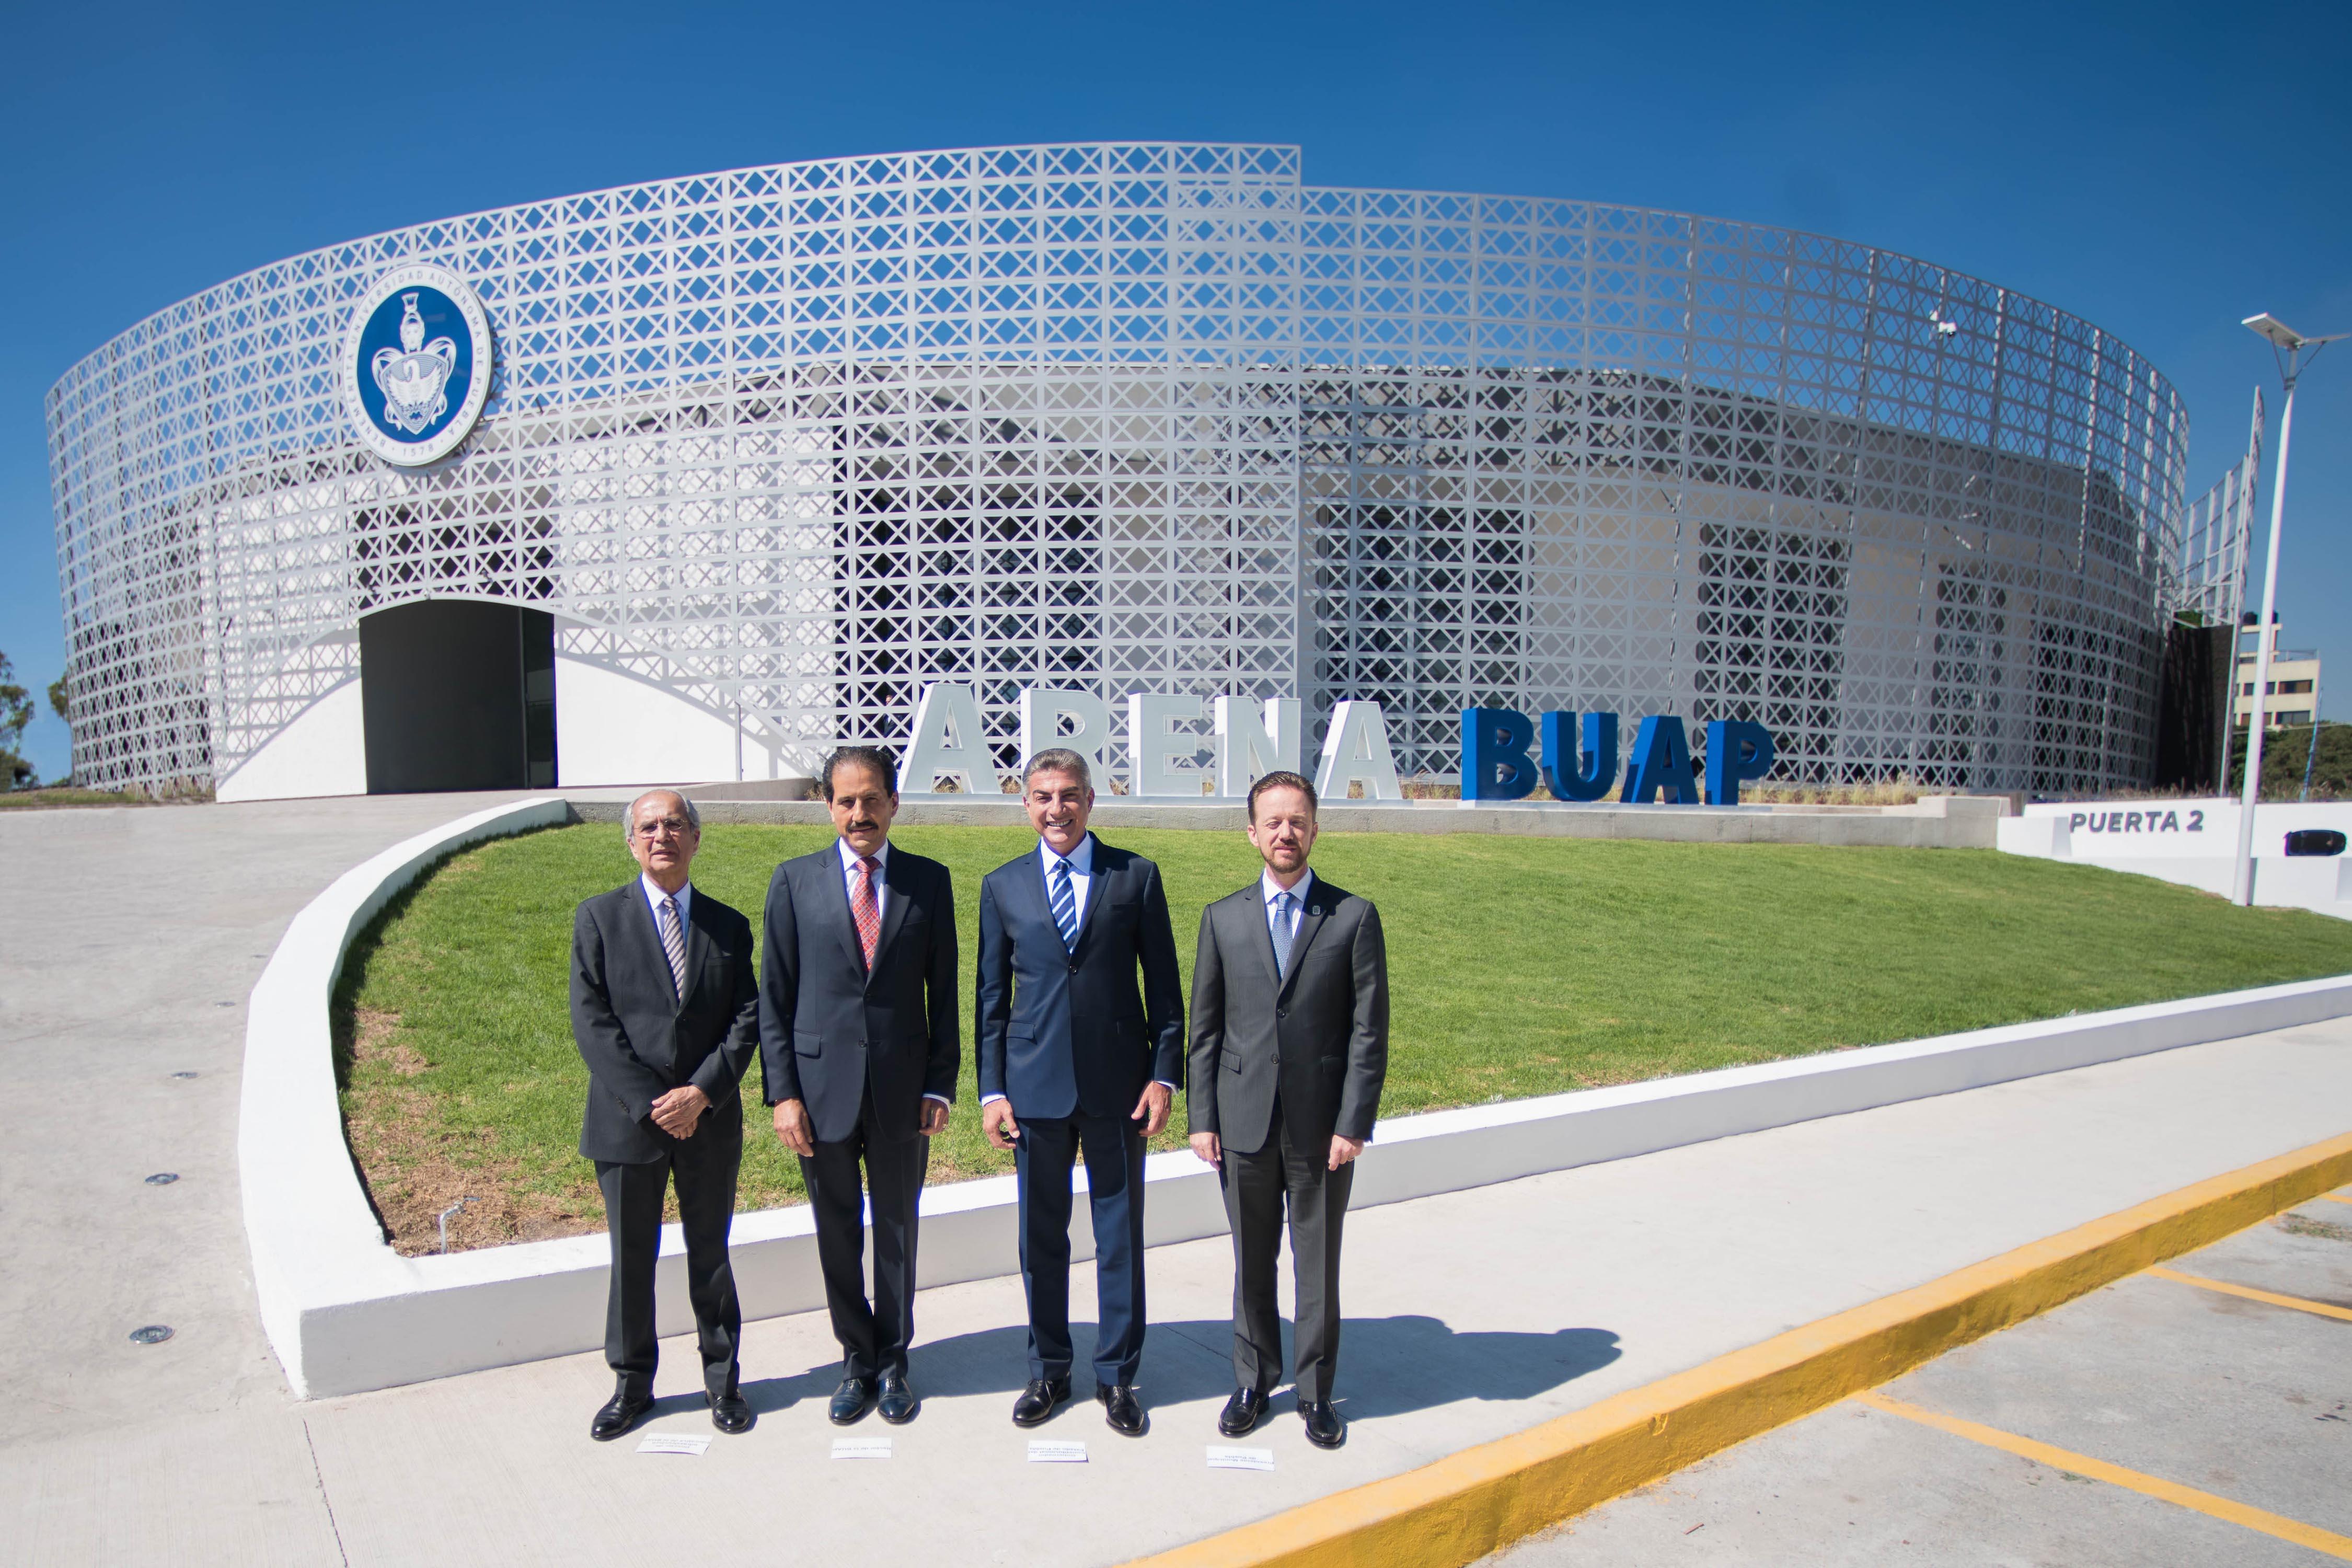 Arena BUAP, orgullo de los universitarios: Alfonso Esparza